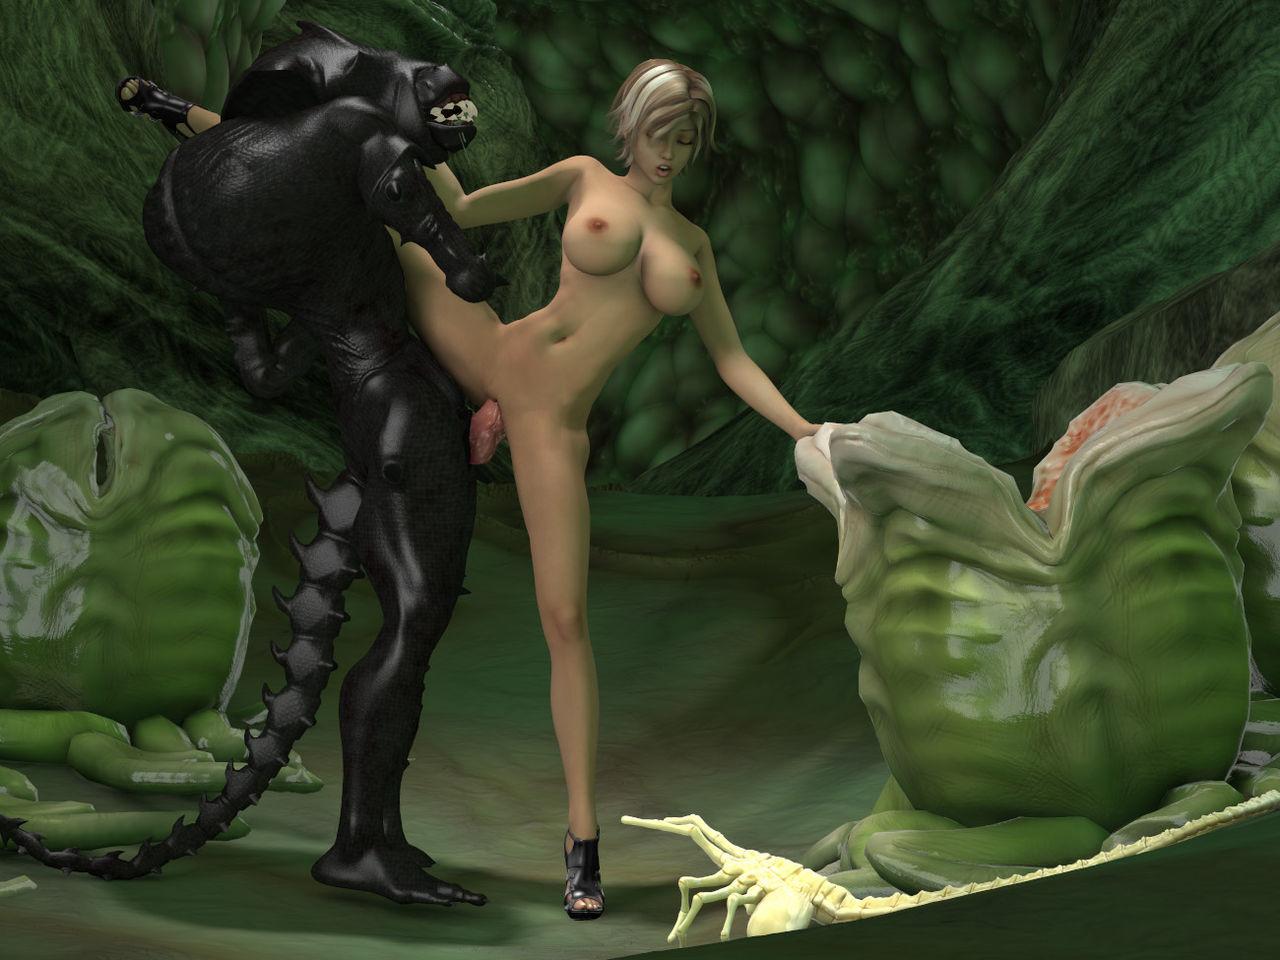 Эротика с чудовищами фото, Монстры Хентай Рисунки Порно комиксы рисунки арт 27 фотография